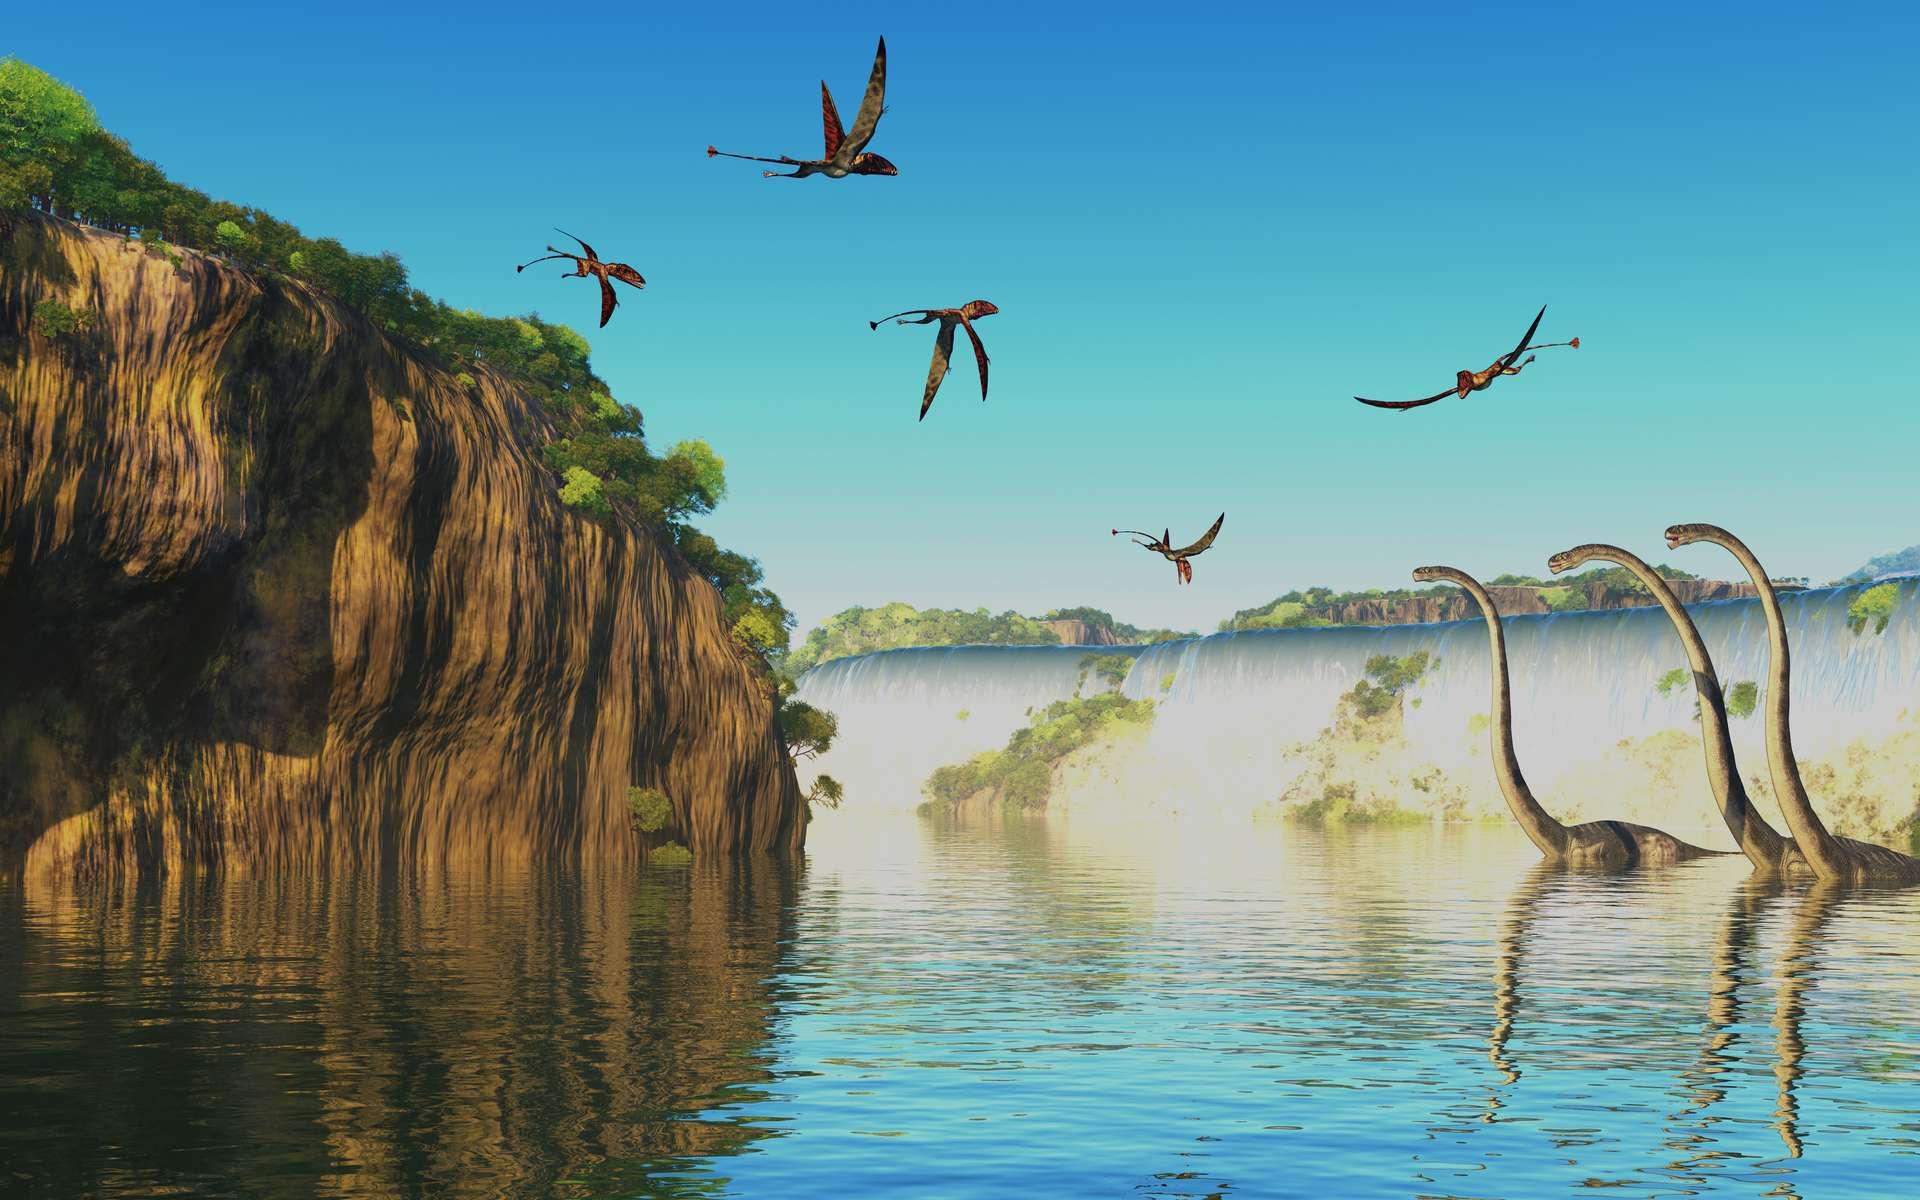 Paysage avec des Dimorphodons, un genre de ptérosaures, volant dans le ciel, et des Omeisaurus dans l'eau. © Catmando, Adobe Stock.